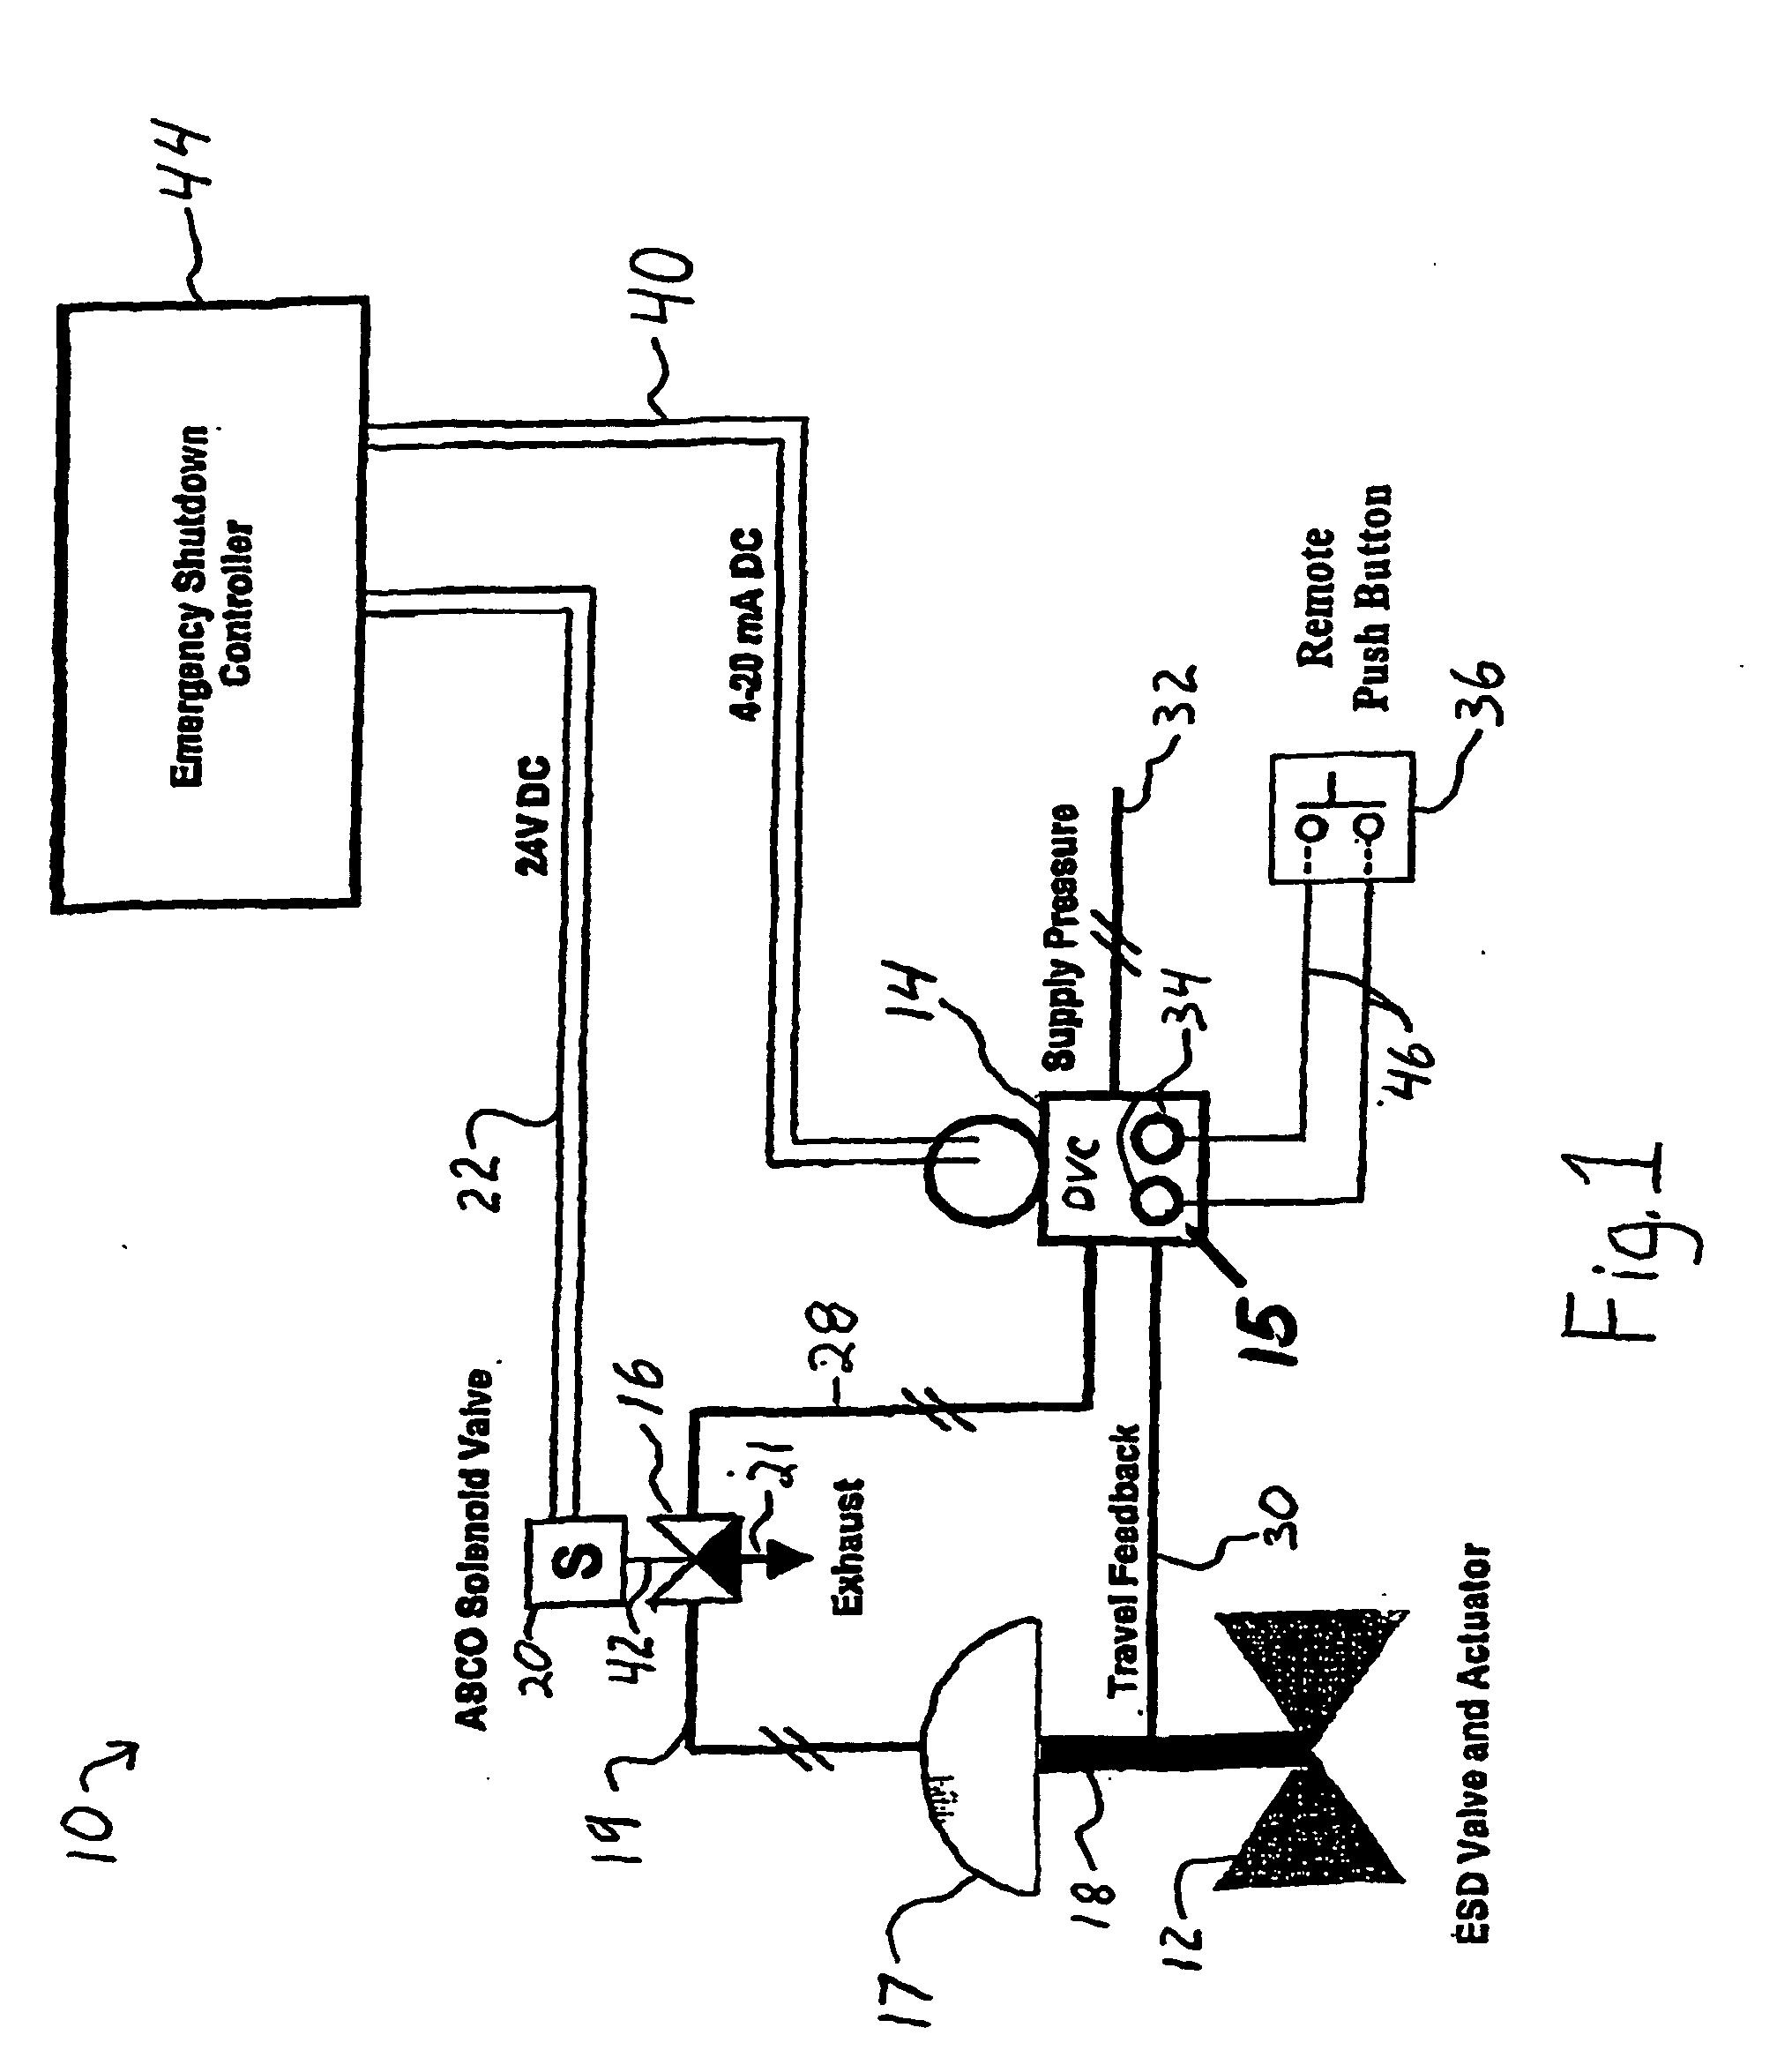 kohler ch22s wiring diagram kohler valve wiring diagram